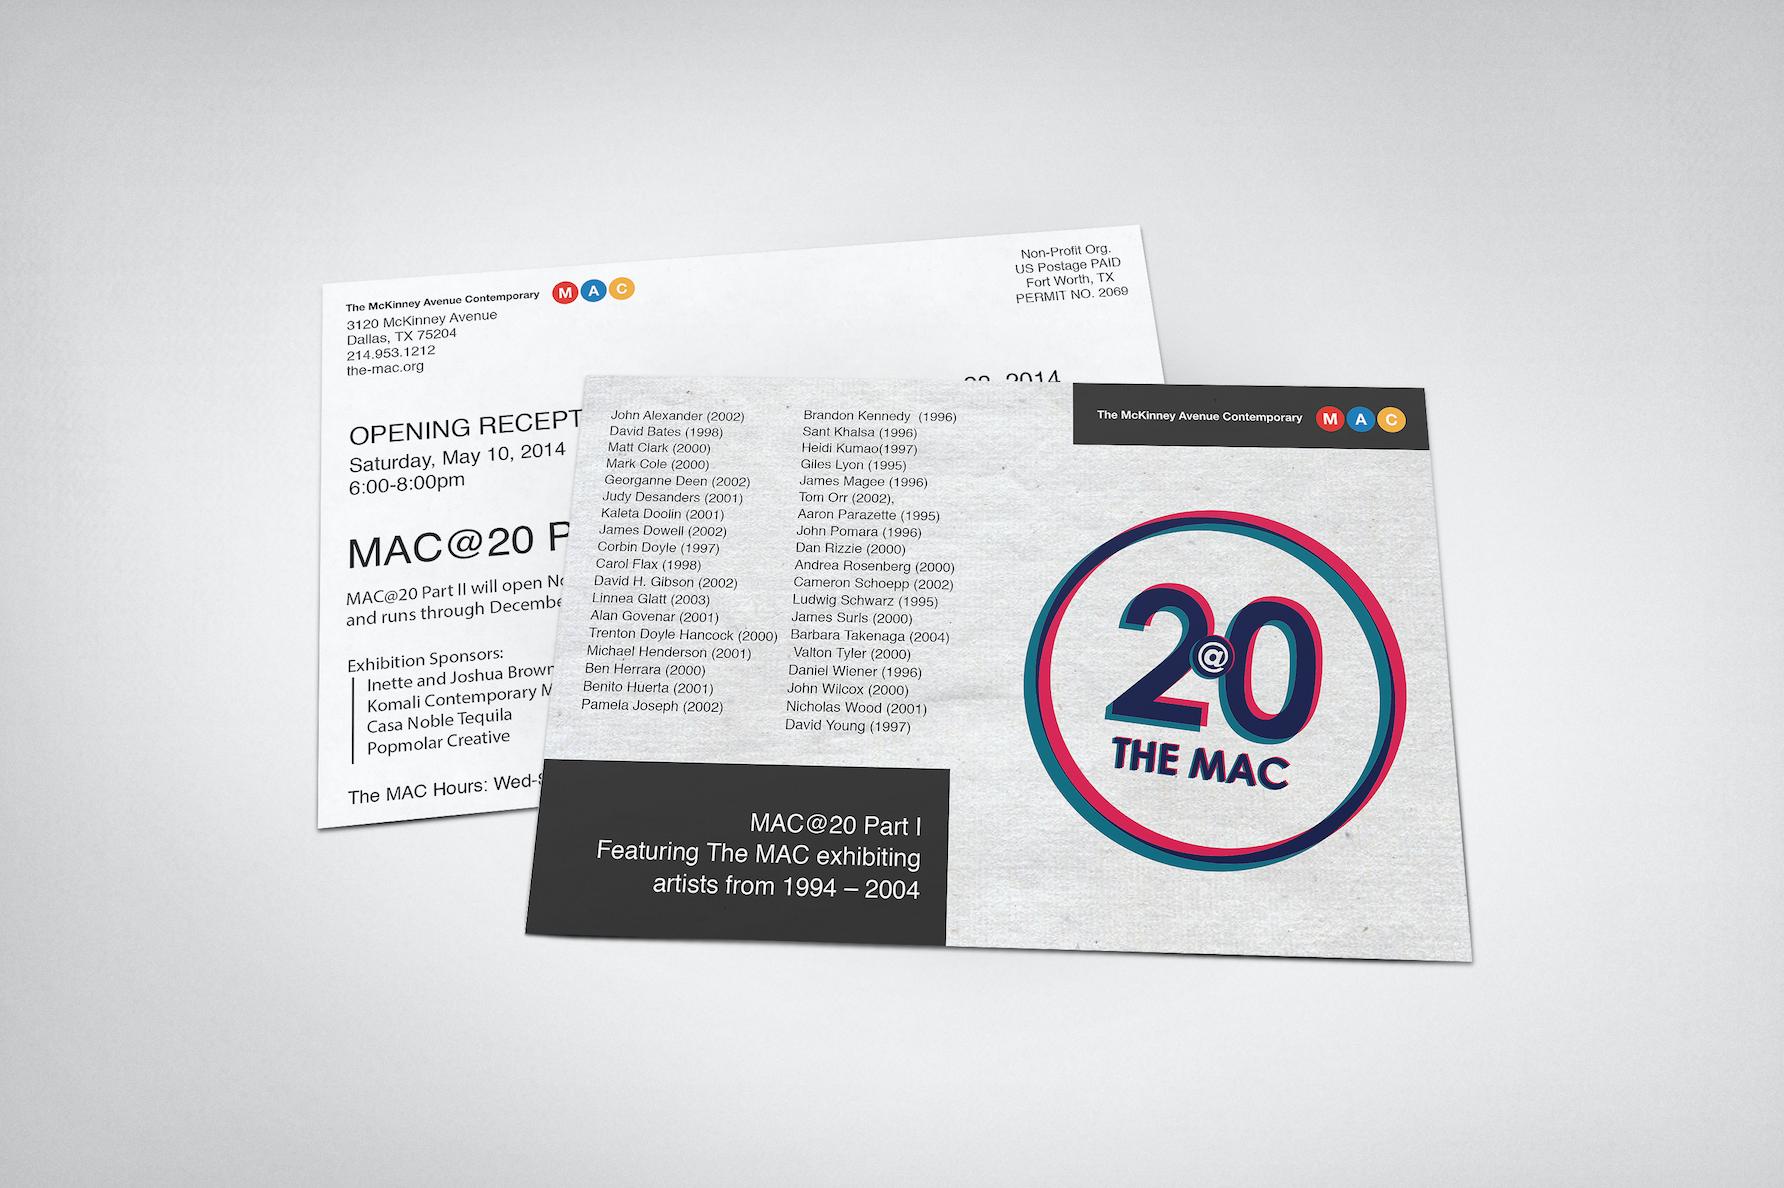 MAC@20 Exhibition